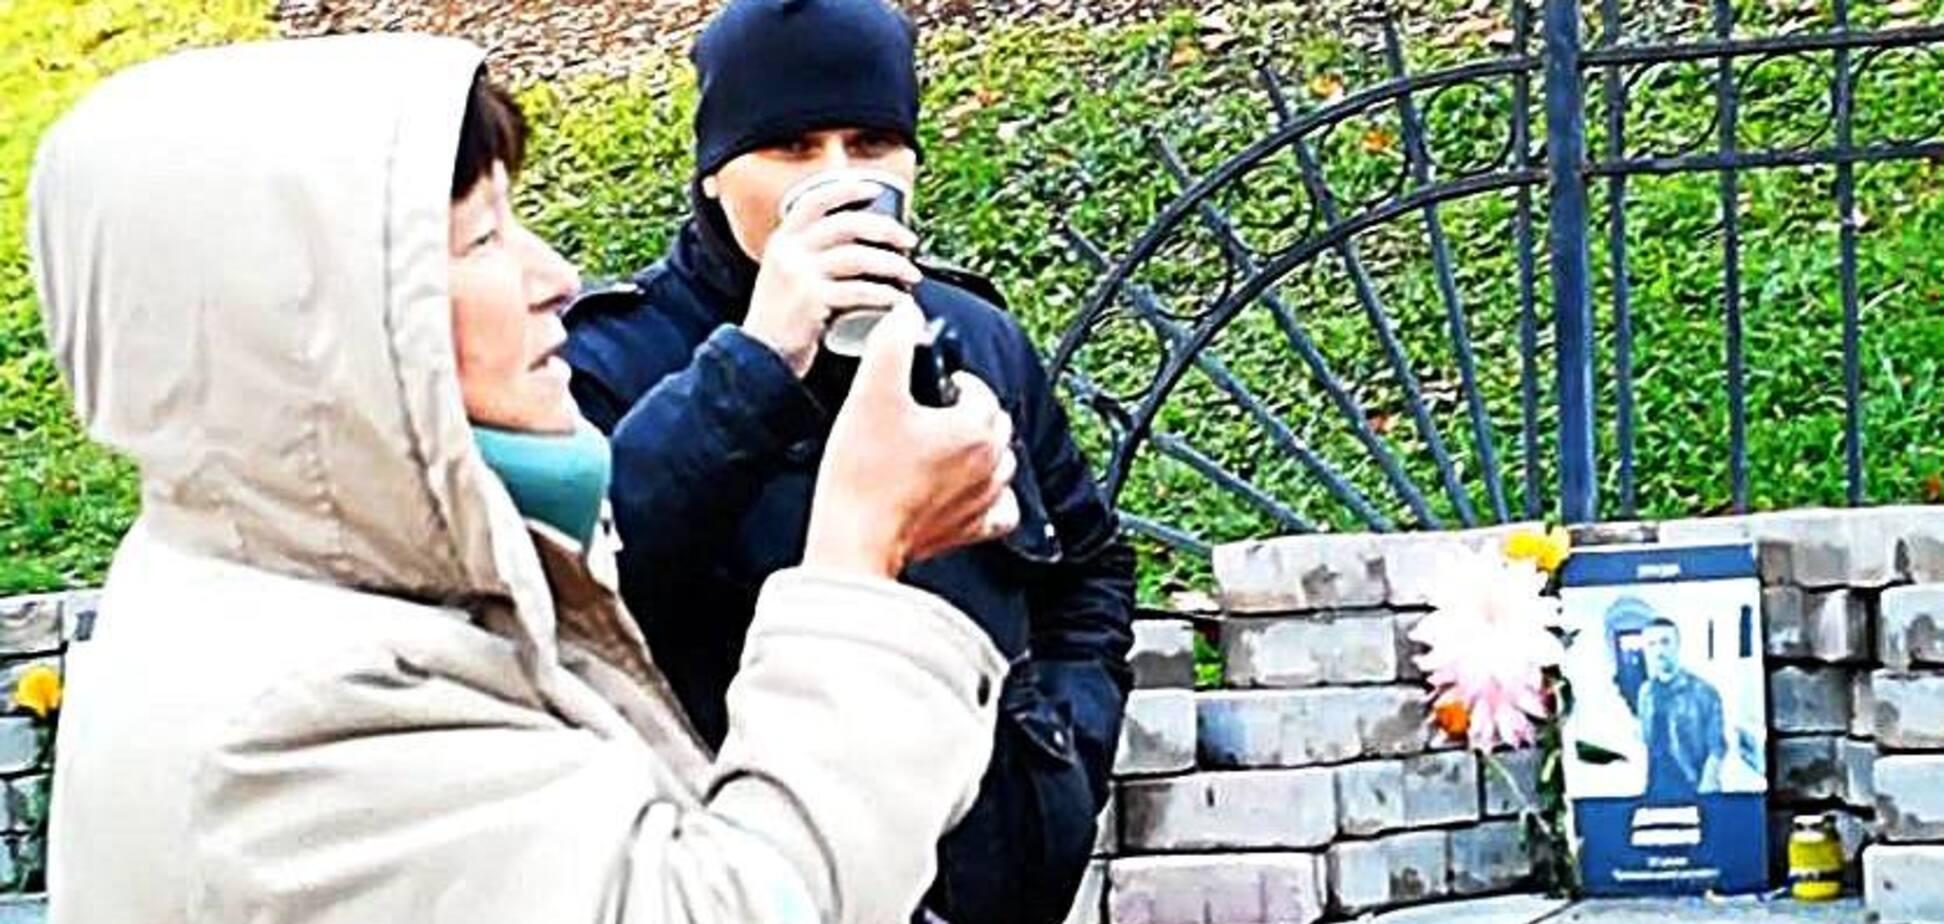 'Страшная боль': известный 'киборг' рассказал, как его избили в центре Киева